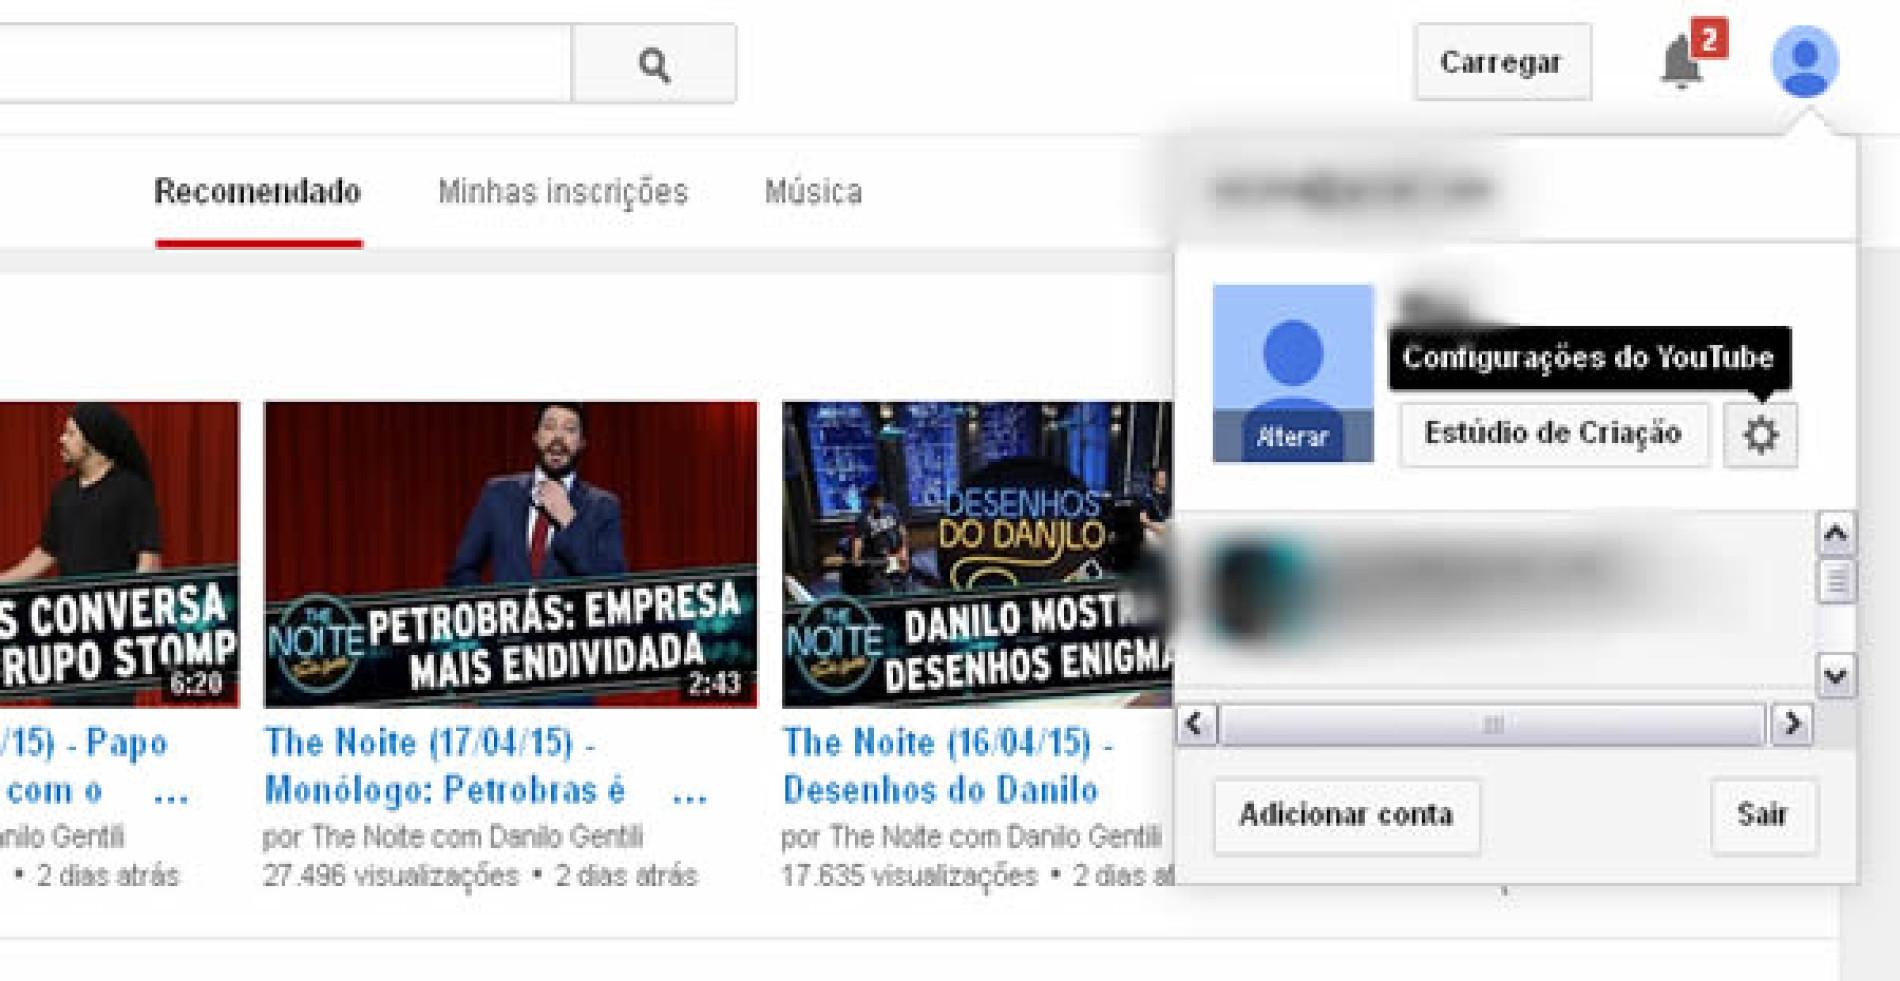 Como assistir os videos do YouTube sempre em HD